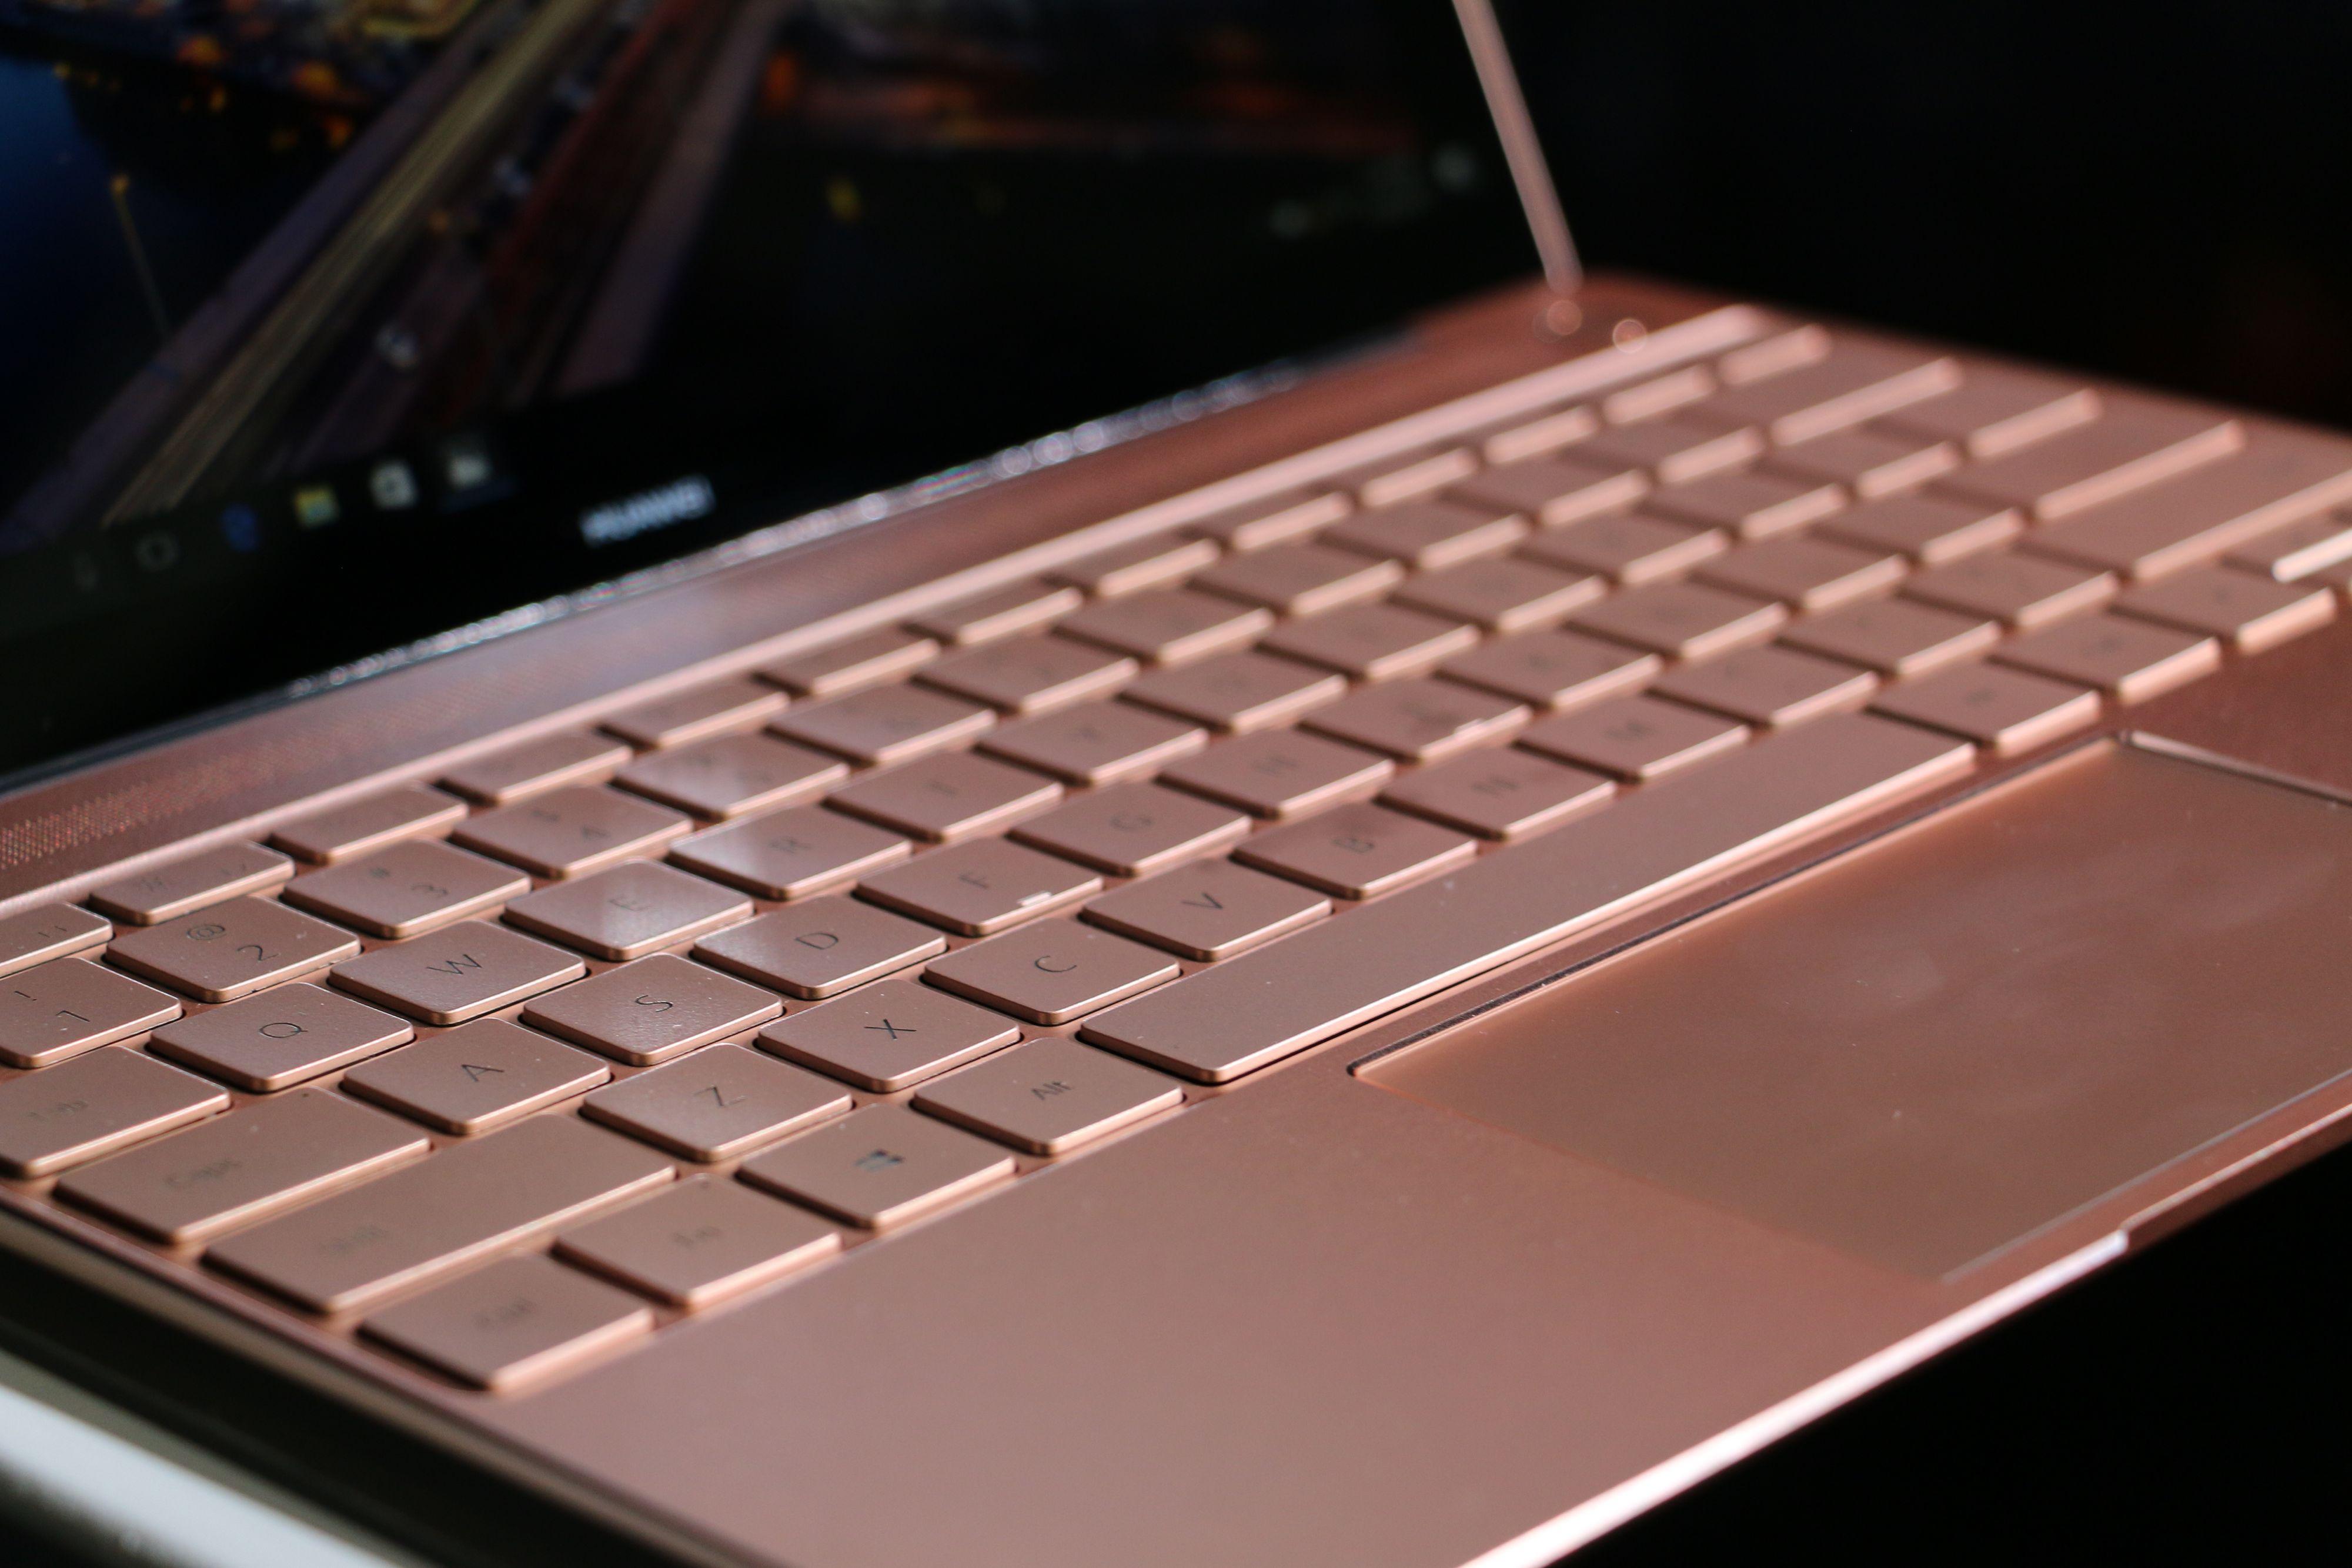 Tastene var gode å taste på under vår raske titt. Tastaturet skal også tåle å få en kaffeskvett over seg.